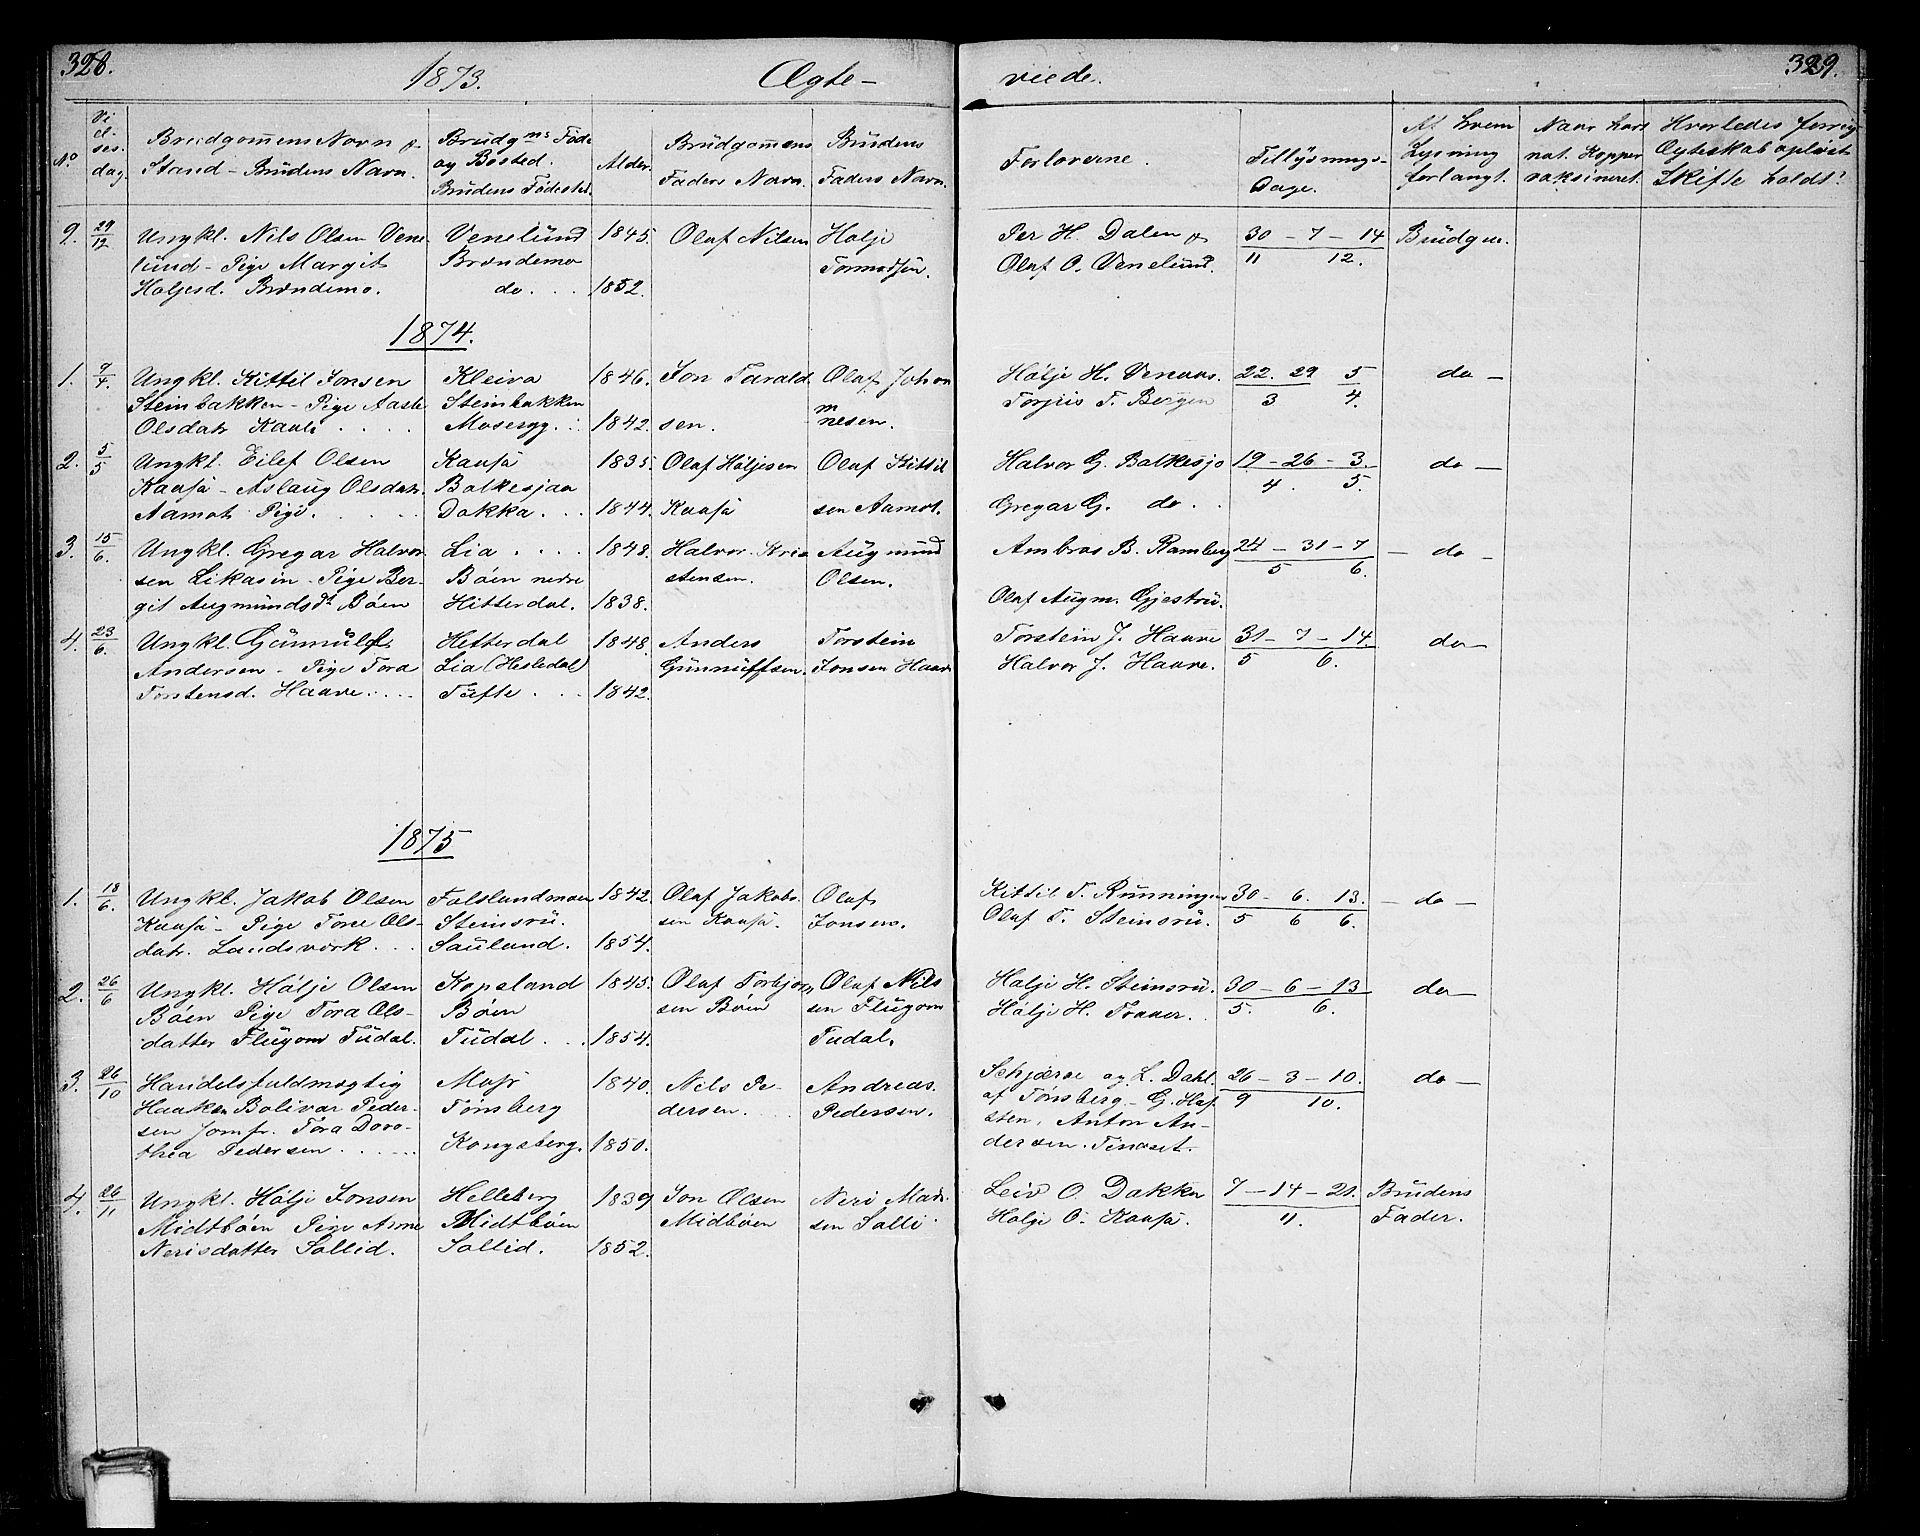 SAKO, Gransherad kirkebøker, G/Ga/L0002: Klokkerbok nr. I 2, 1854-1886, s. 328-329